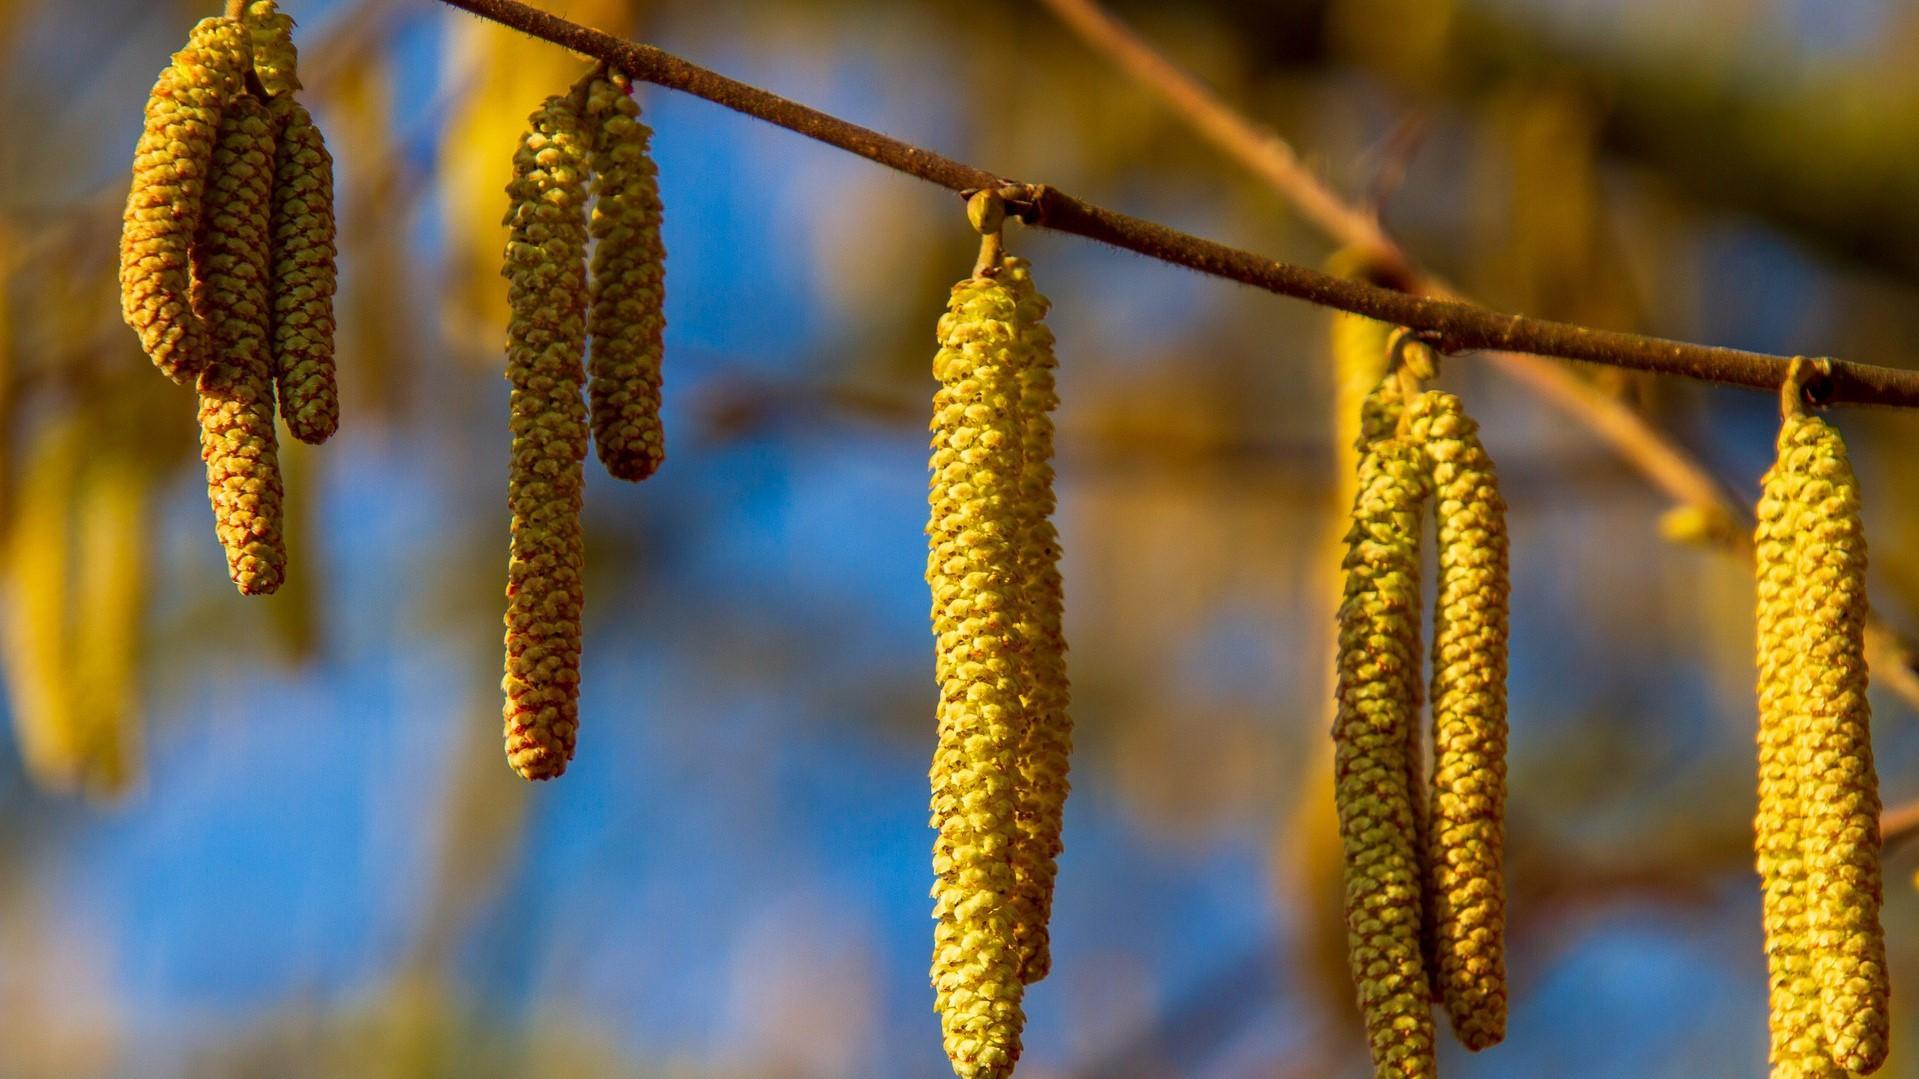 Früchte und Blätter der Hasel-Gewächse, deren Pollen für Allergiker eine Qual sein können.